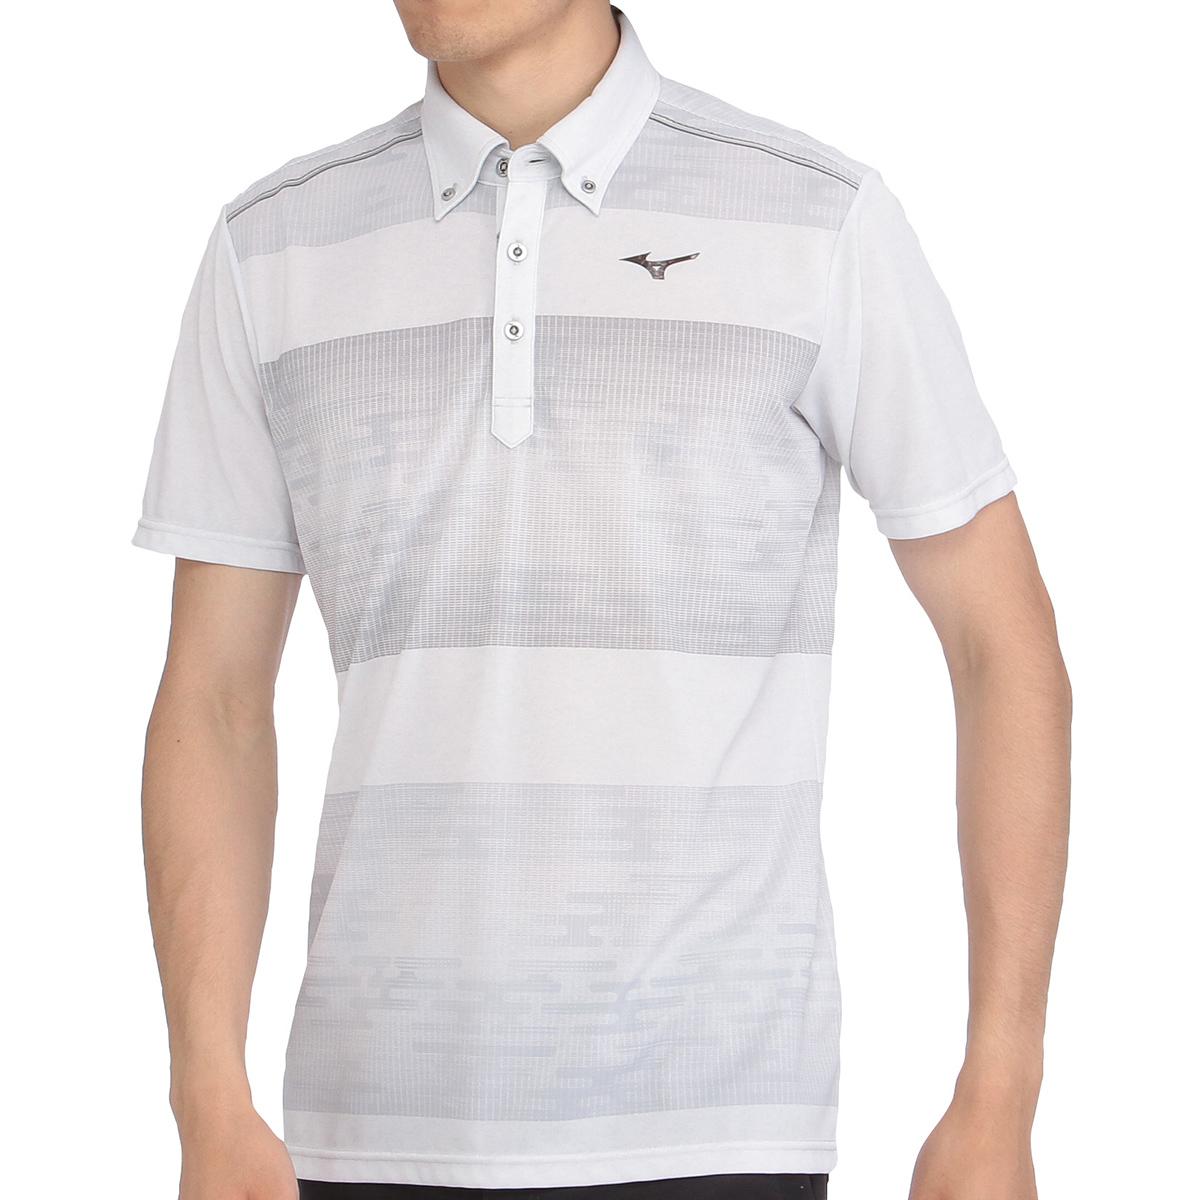 ソーラーカット半袖プリント柄ボタンダウンポロシャツ